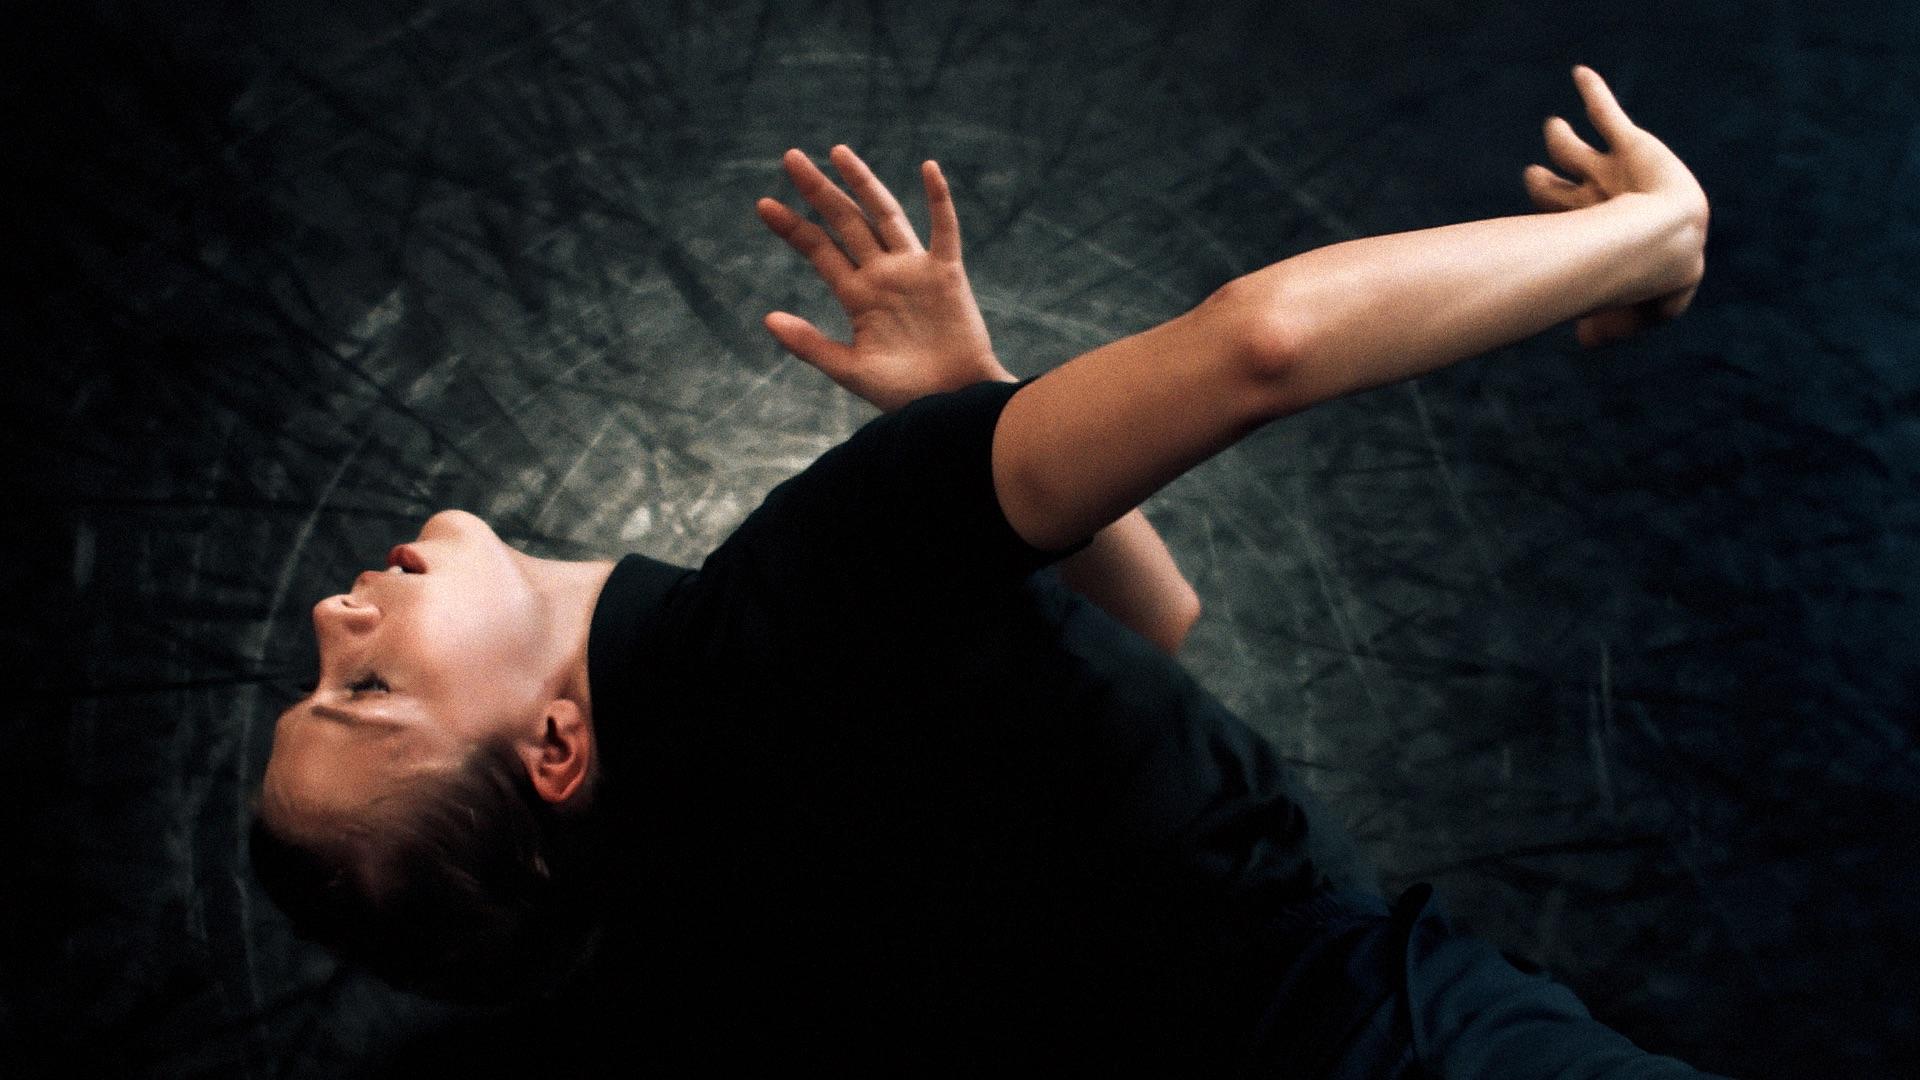 mais-de-250-trabalhos-de-videodanca-e-seminario-sobre-danca-paisagens-urbanas-e-inquietacoes-marcam-a-7a-bienal-de-danca-de-par-em-par-que-comeca-nesta-sexta-feira-05-03